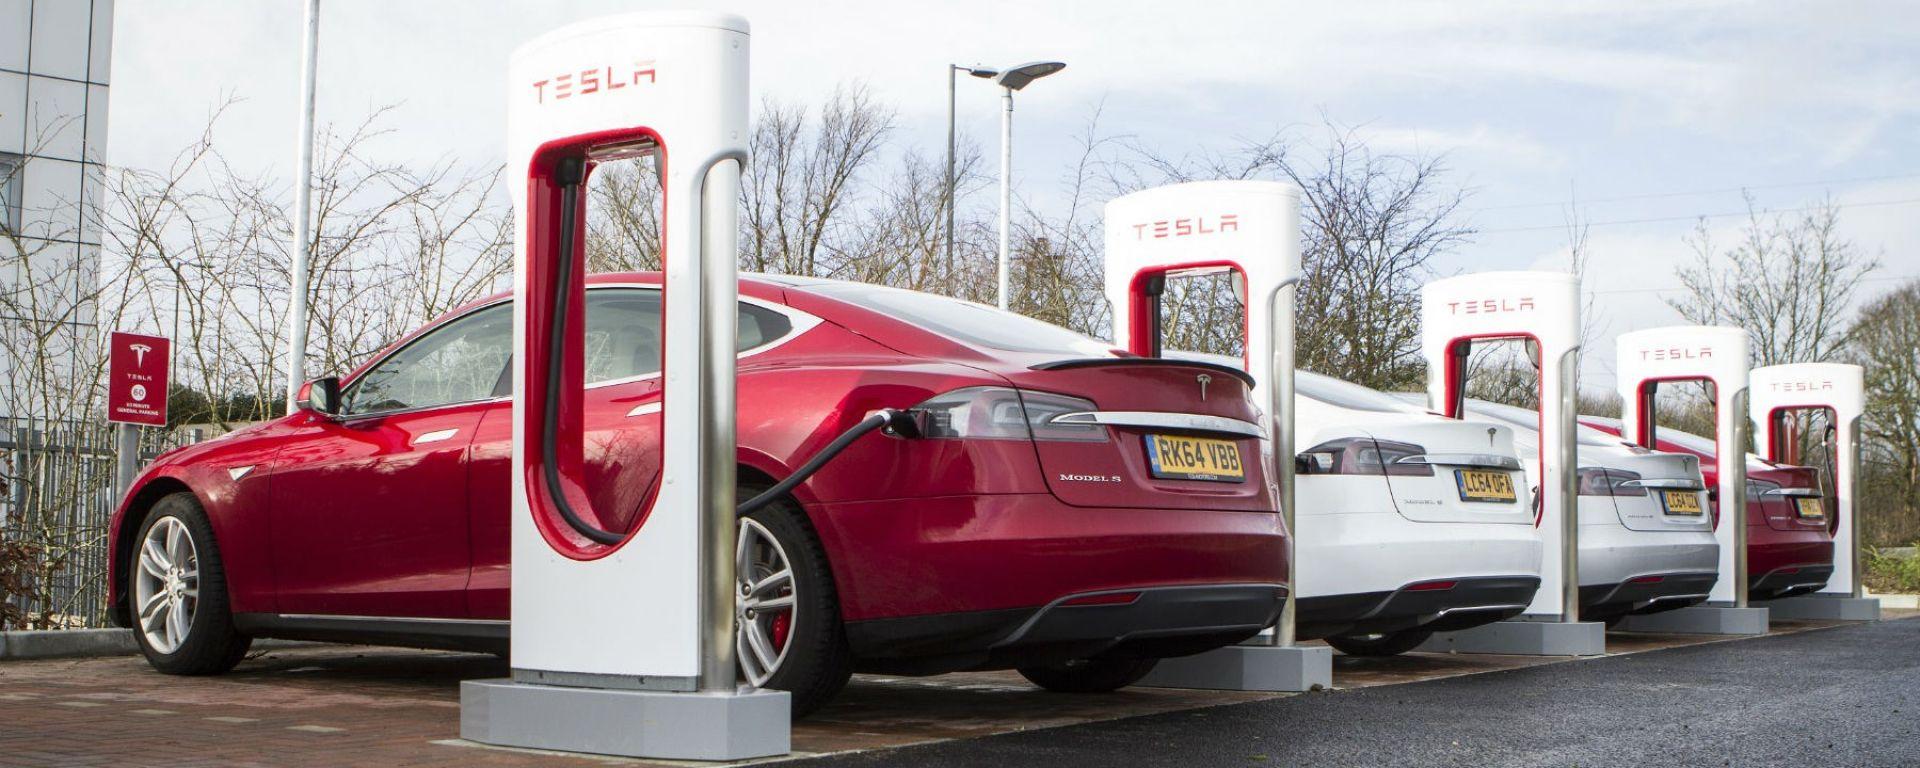 Tesla Supercharger: in tutta Europa entro l'anno prossimo